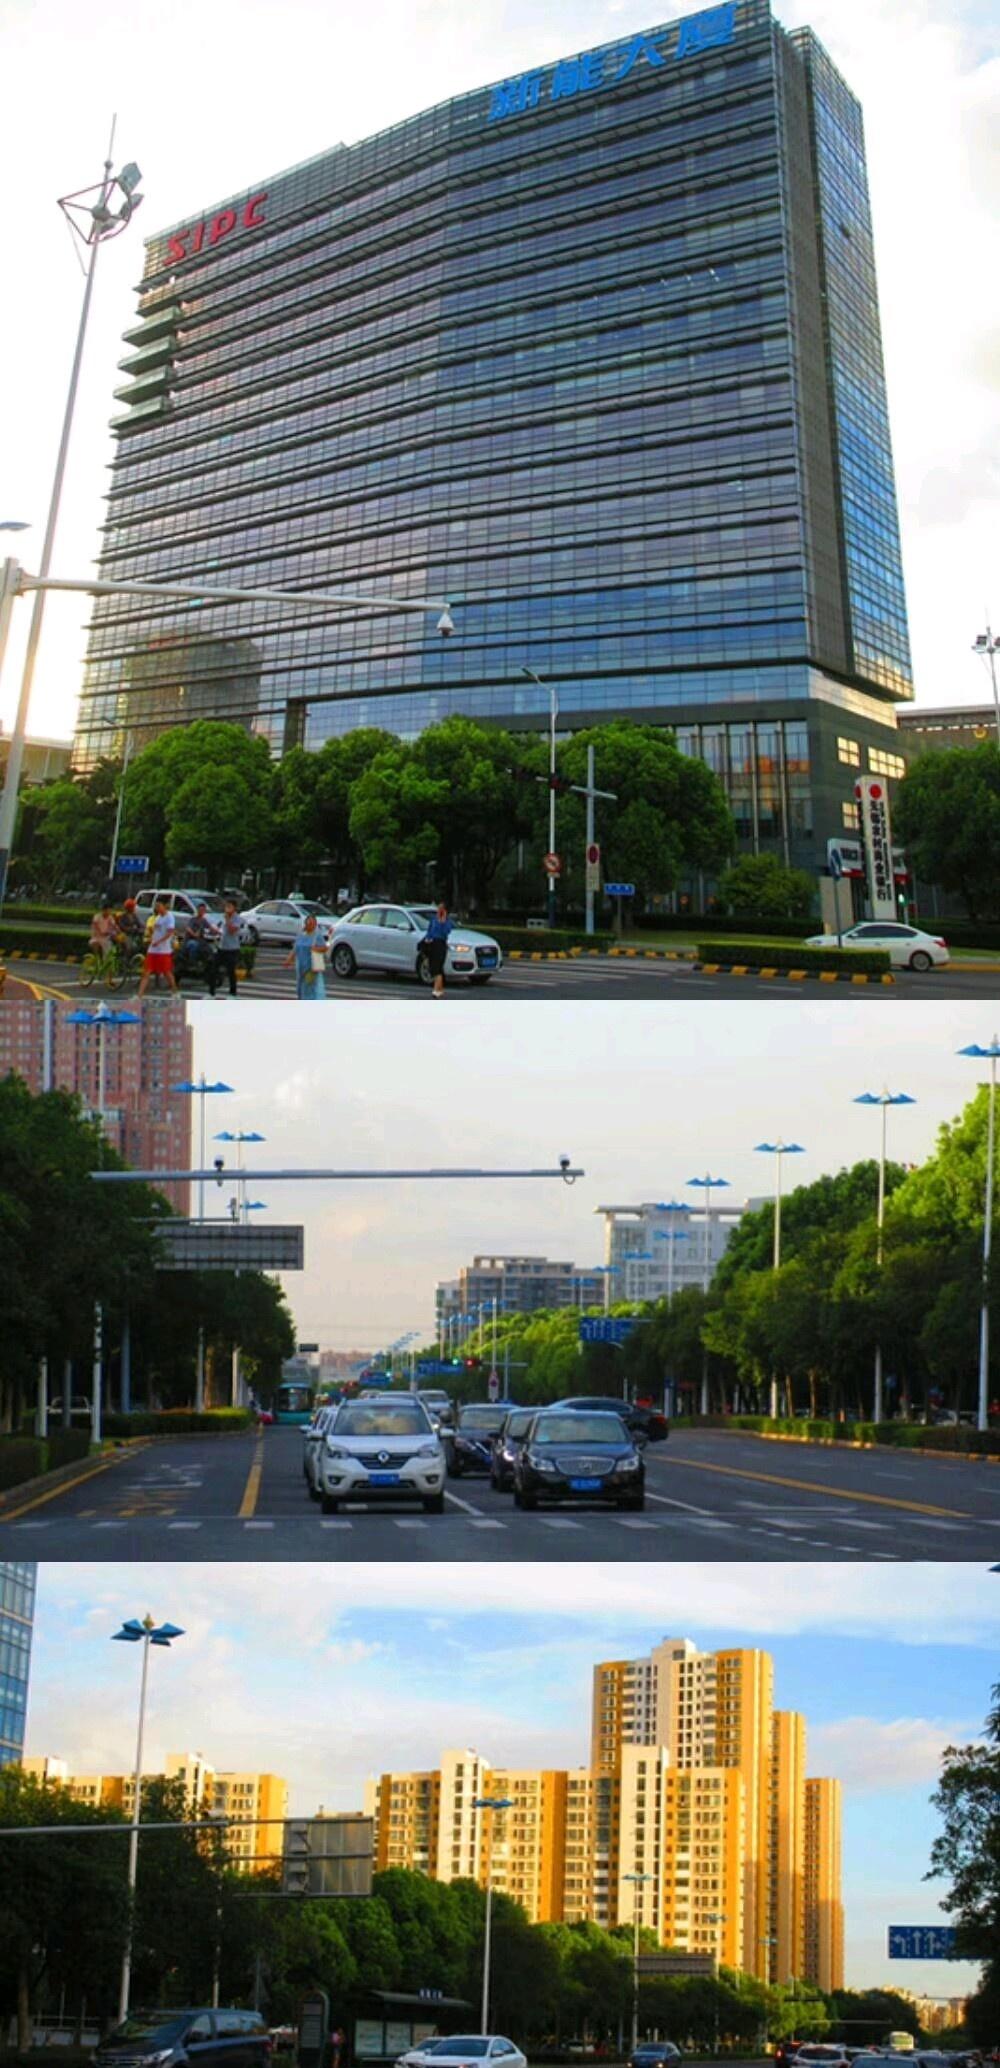 成都四套房,上海两套房,接下来该怎样优化房产配置